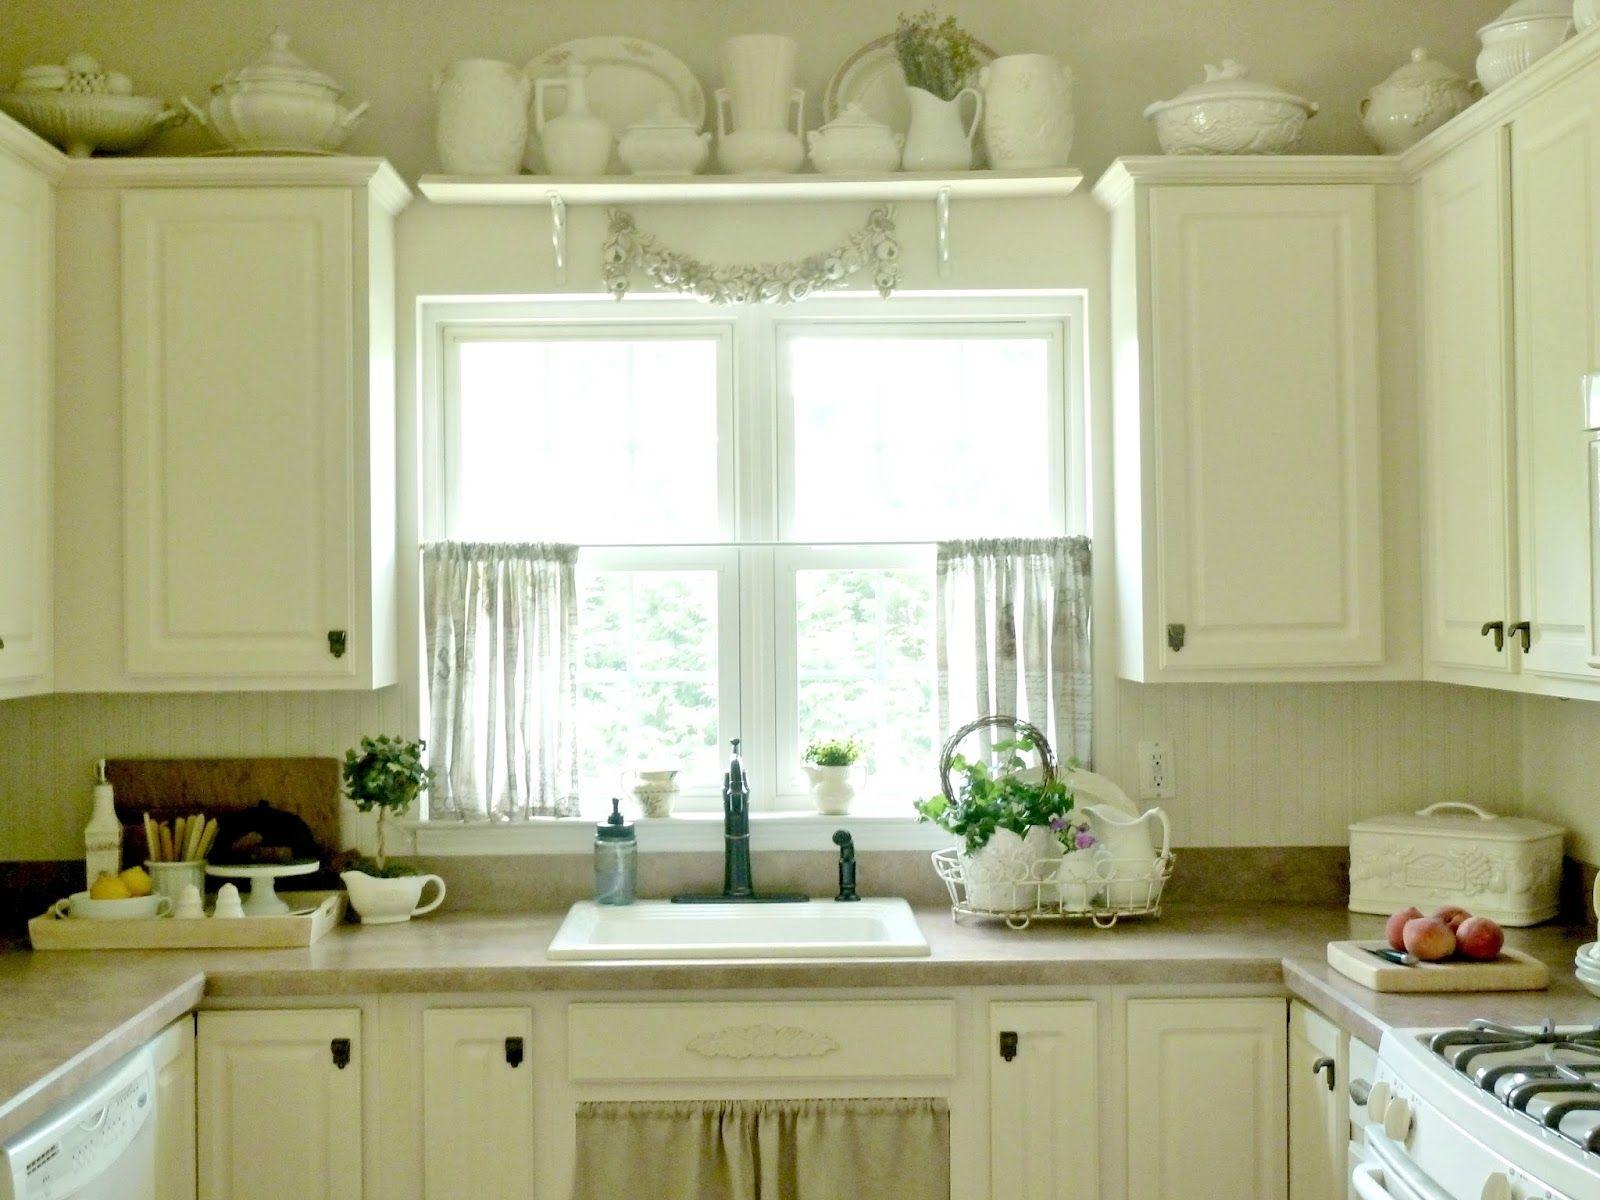 Window Curtain Ideas Kitchen  Httpnavigatorspb Extraordinary Window Treatment Ideas For Kitchen Design Decoration